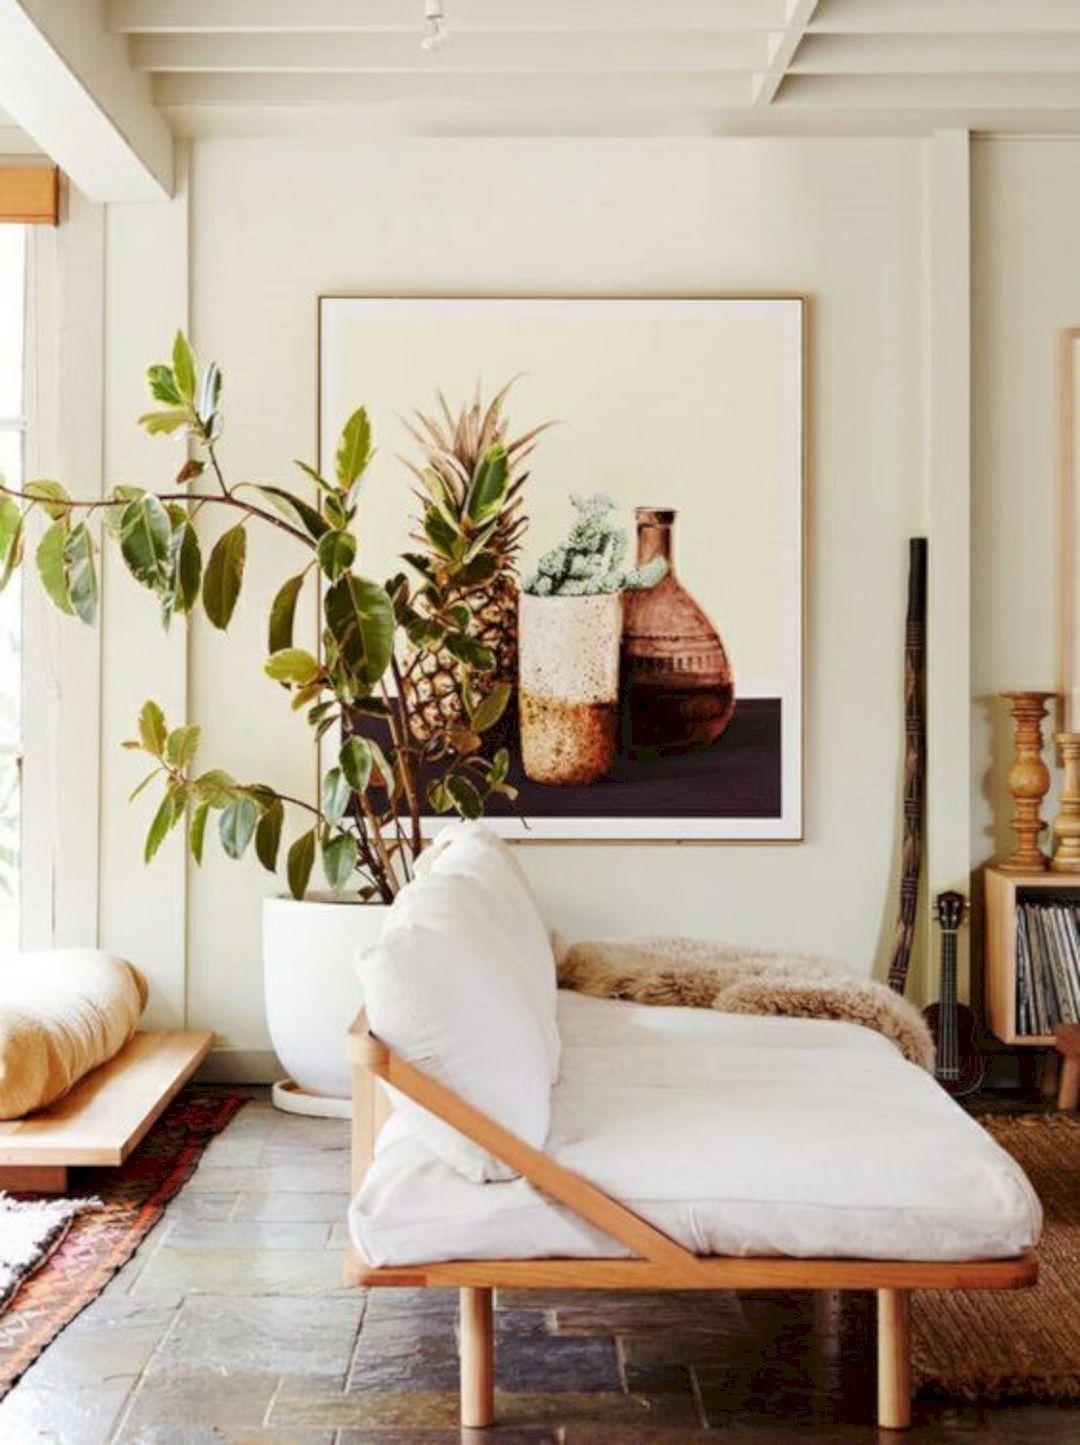 Homemade interior design ideas 14